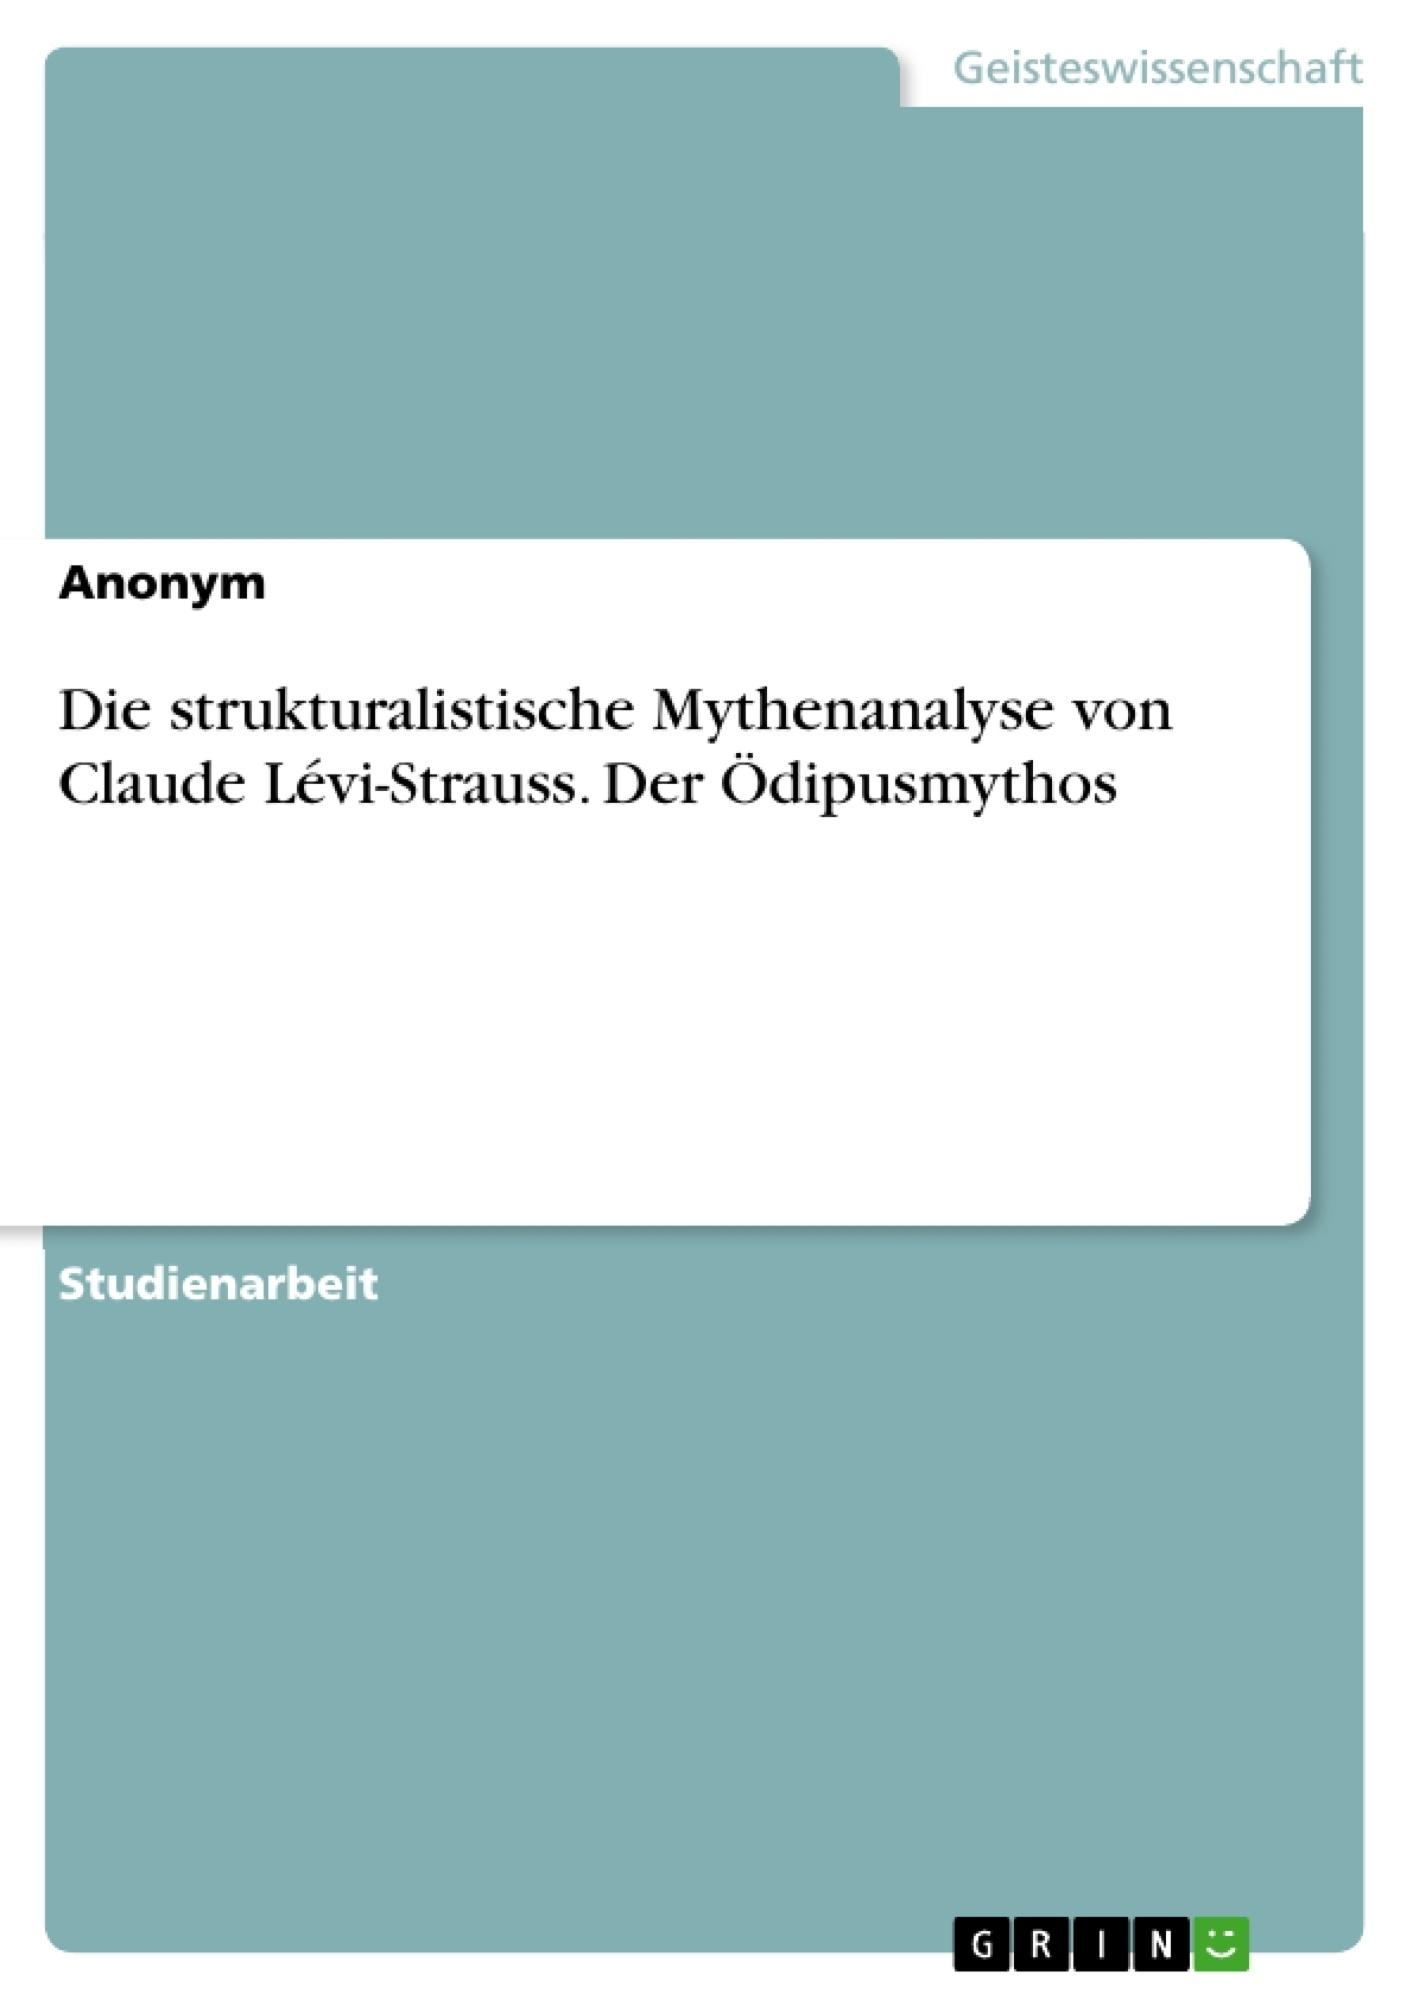 Titel: Die strukturalistische Mythenanalyse von Claude Lévi-Strauss. Der Ödipusmythos